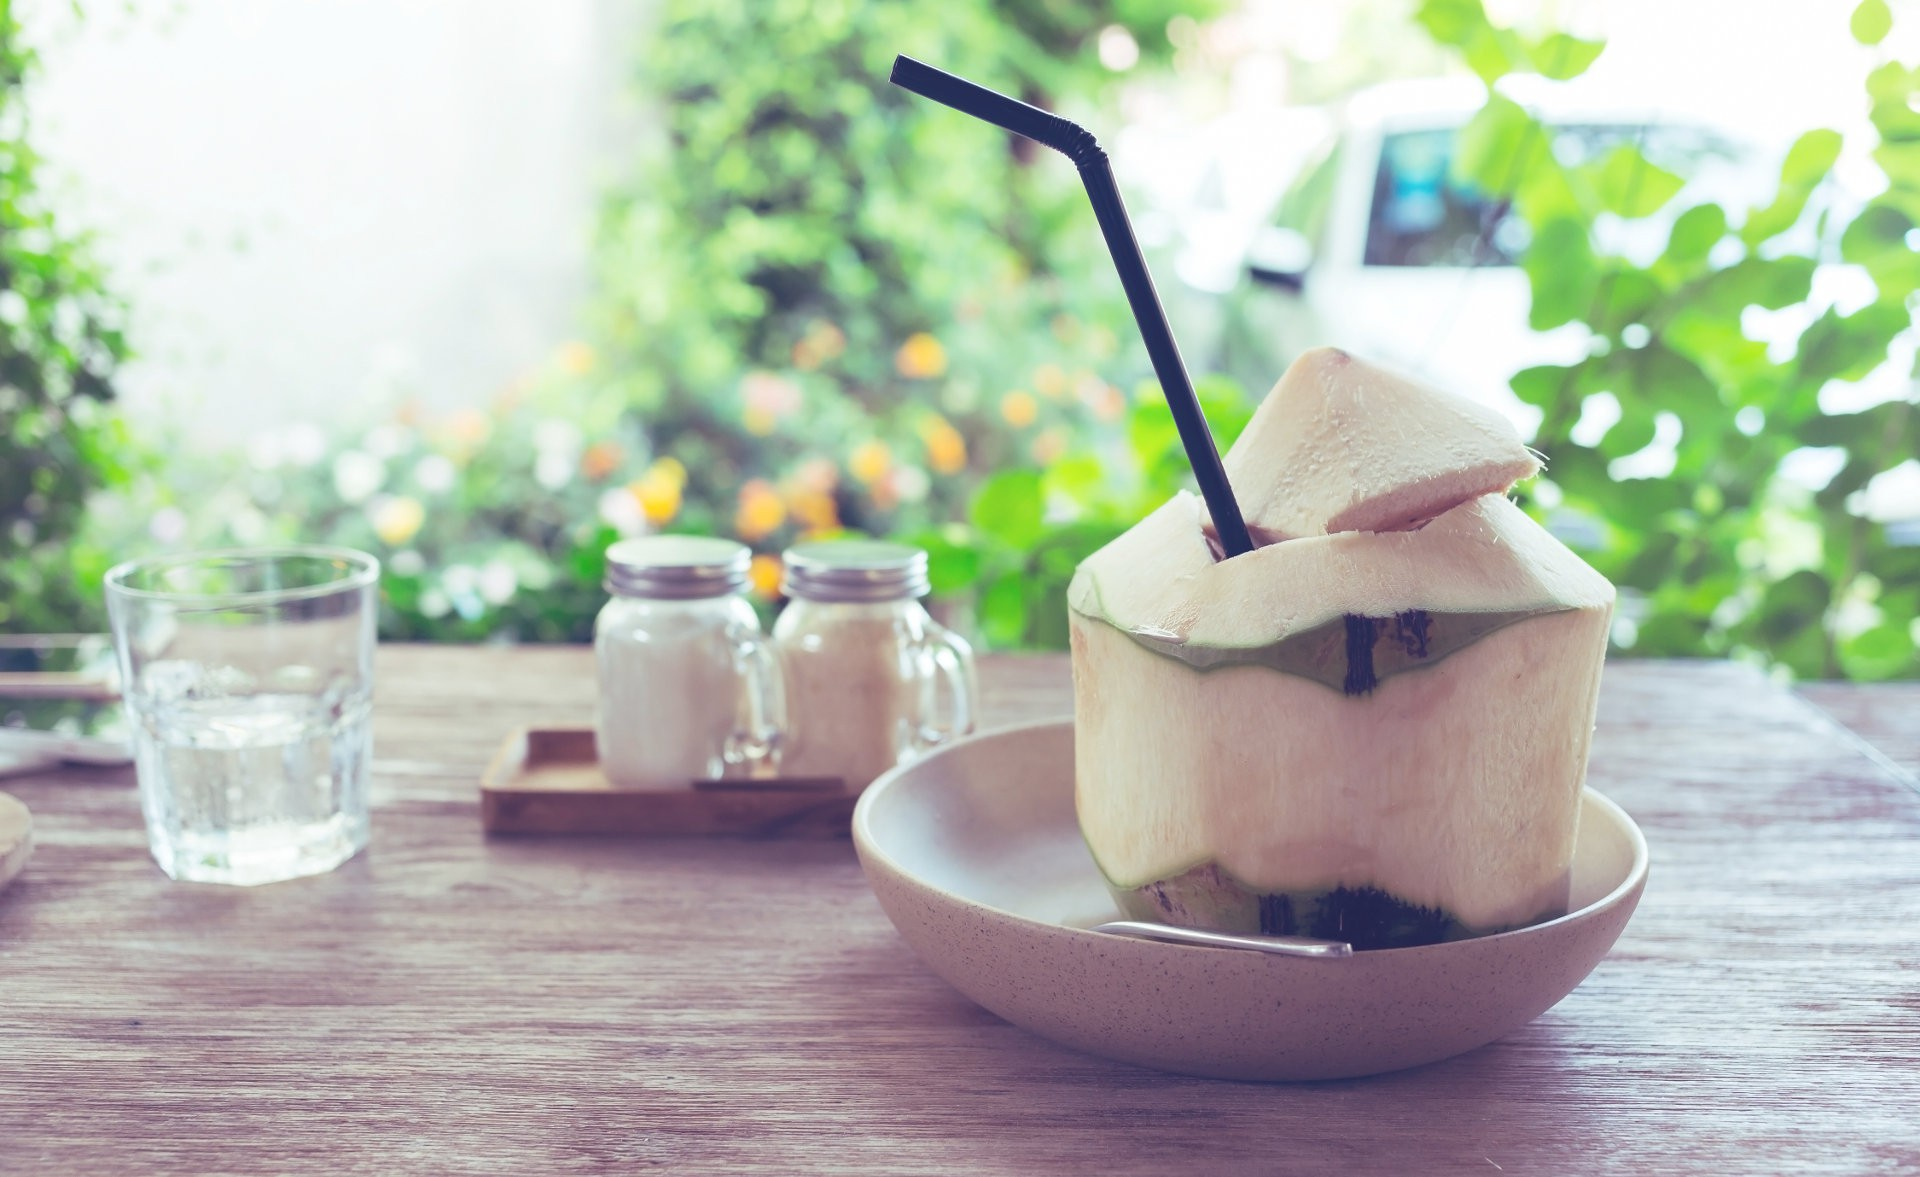 5 loại nước mà bạn nên uống trước khi ăn để giảm cân thật dễ dàng - Ảnh 5.